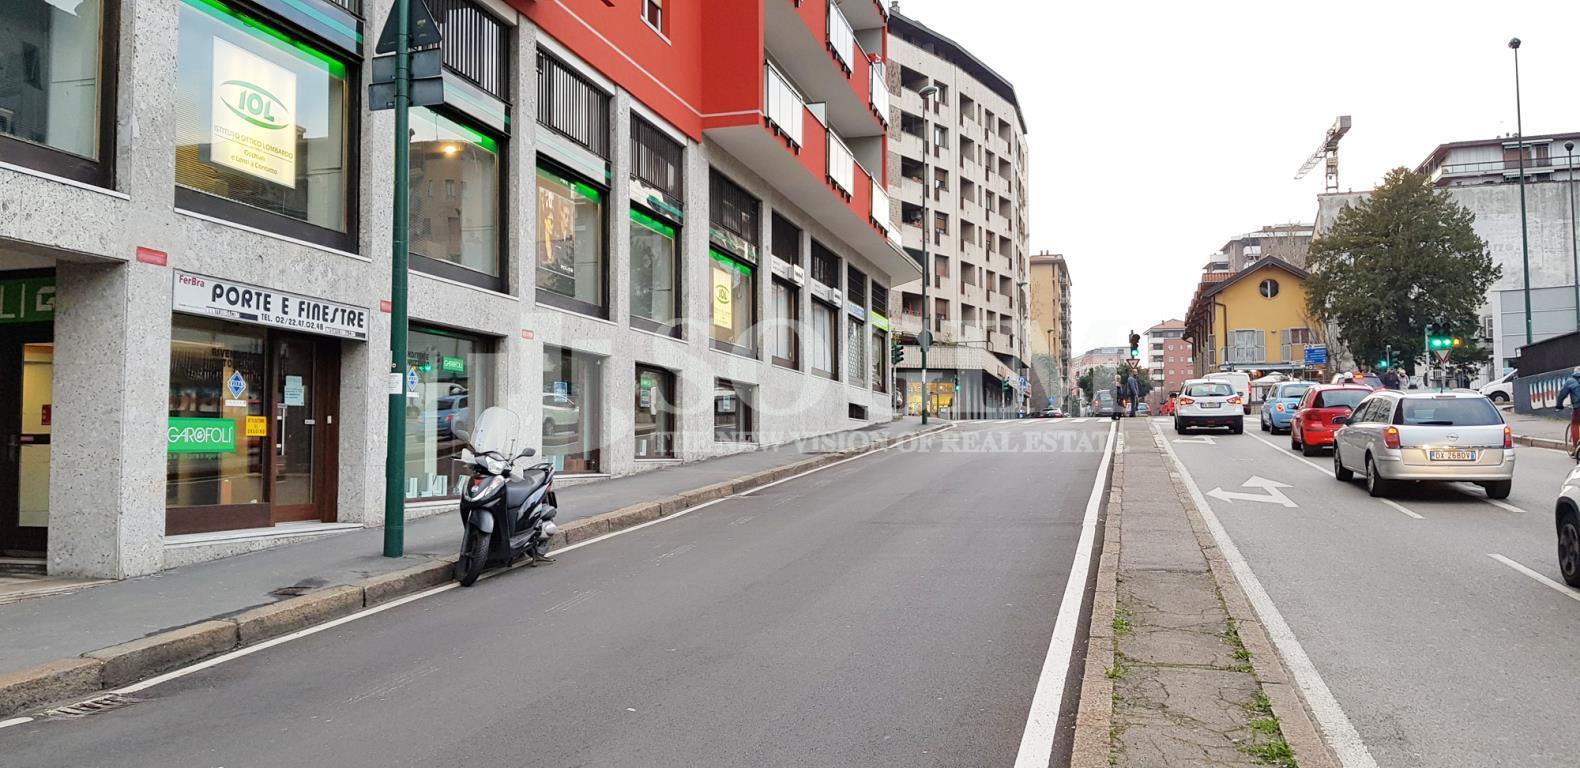 Negozio / Locale in vendita a Sesto San Giovanni, 2 locali, zona Località: cavalcaviagaribaldi, prezzo € 250.000 | CambioCasa.it